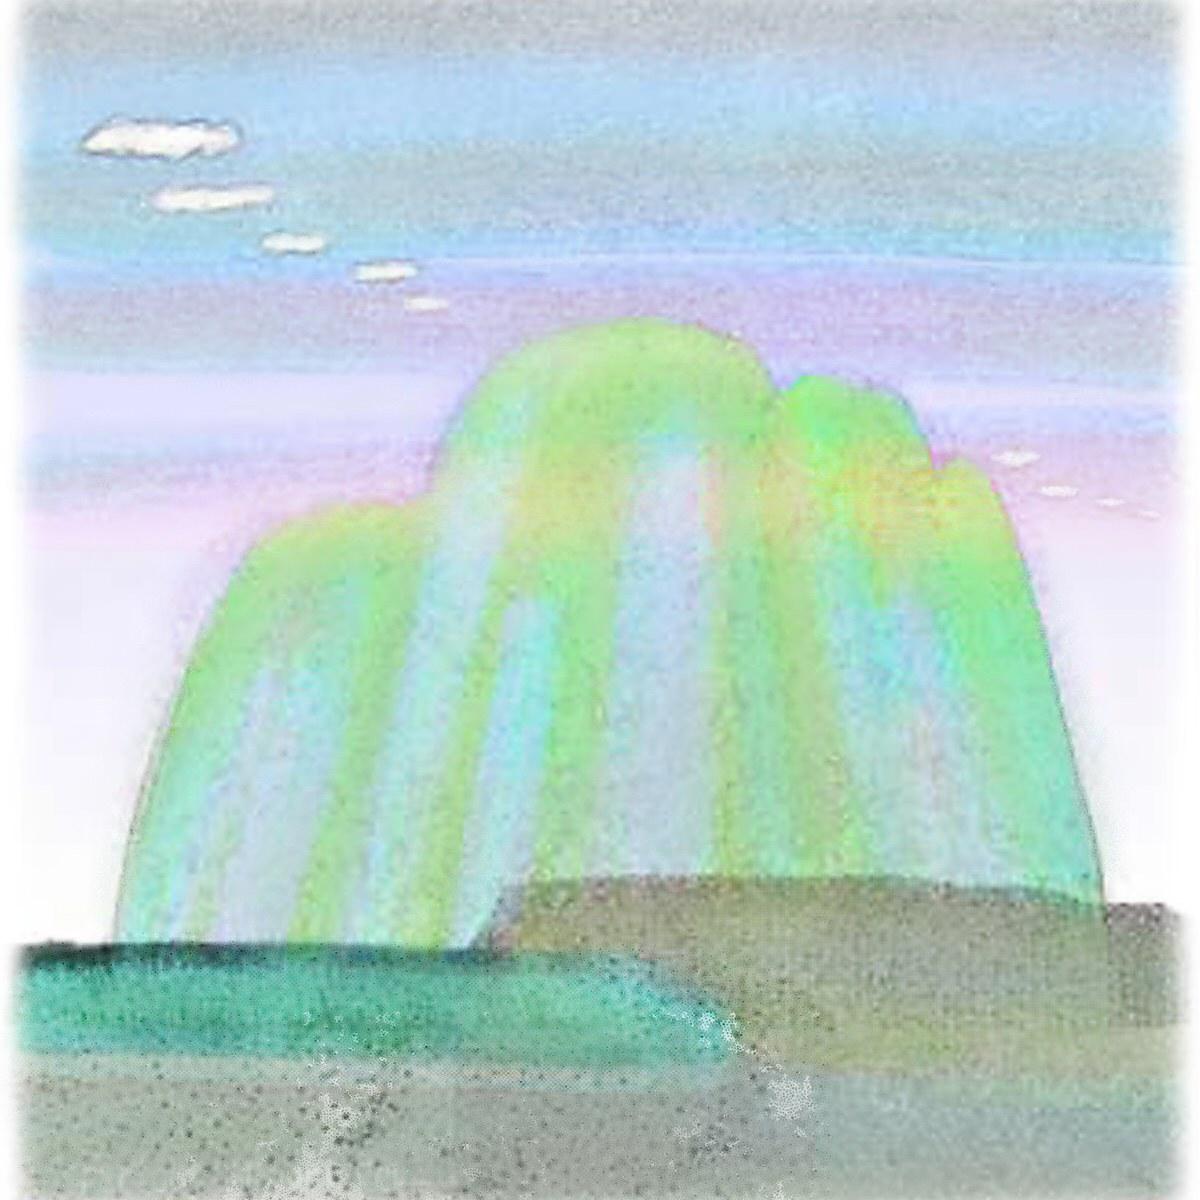 江口真代のpdf絵本「クルル村の虹の湖」「西の山」の絵